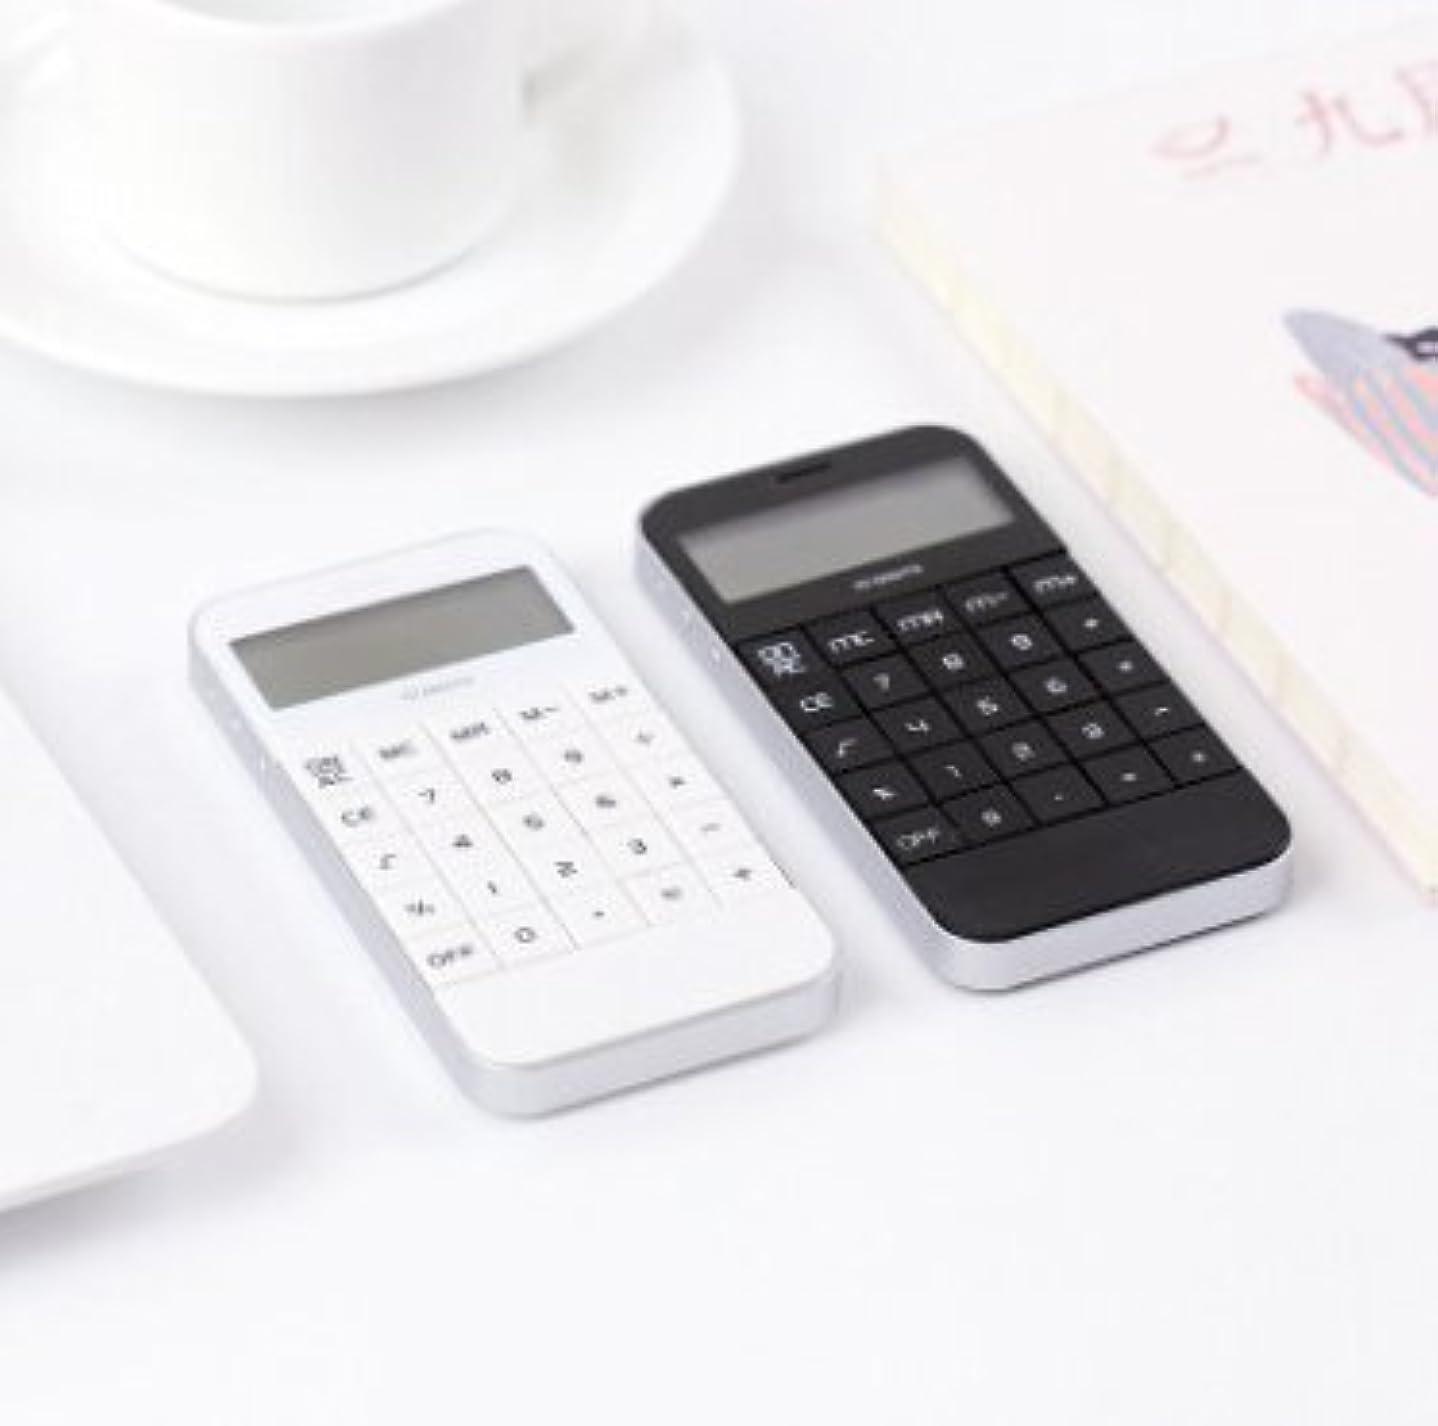 観点田舎まろやかなひな形10桁オフィス電卓クリエイティブIphoneスタイル学生withコンピュータ5.7?X 11.5?cm